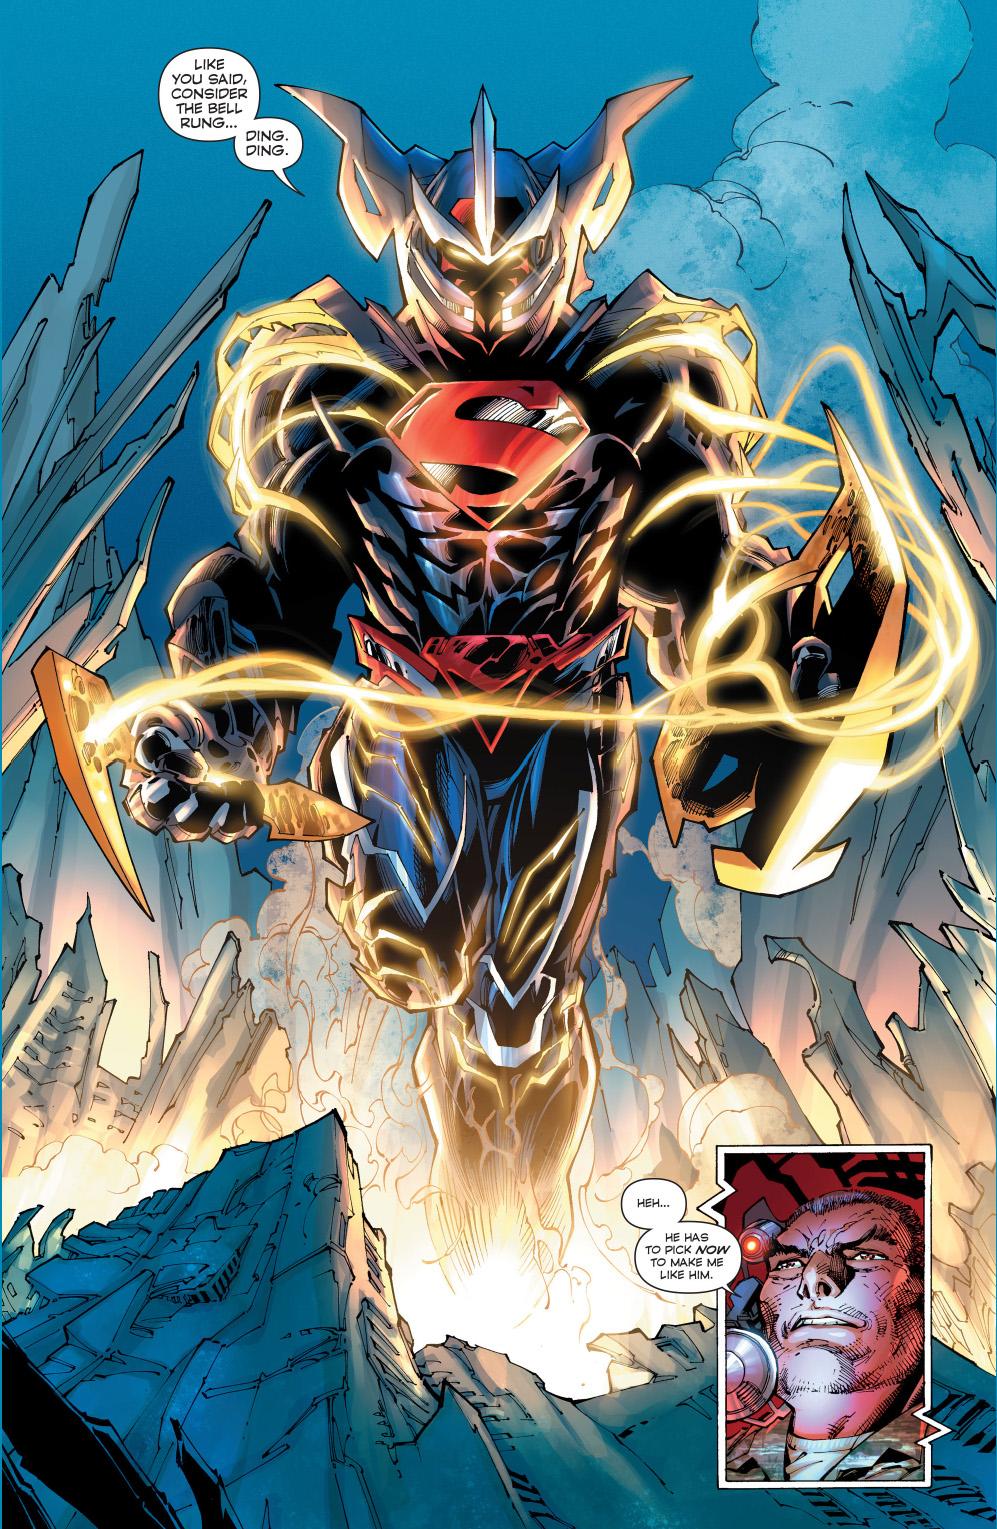 superman dons an armor